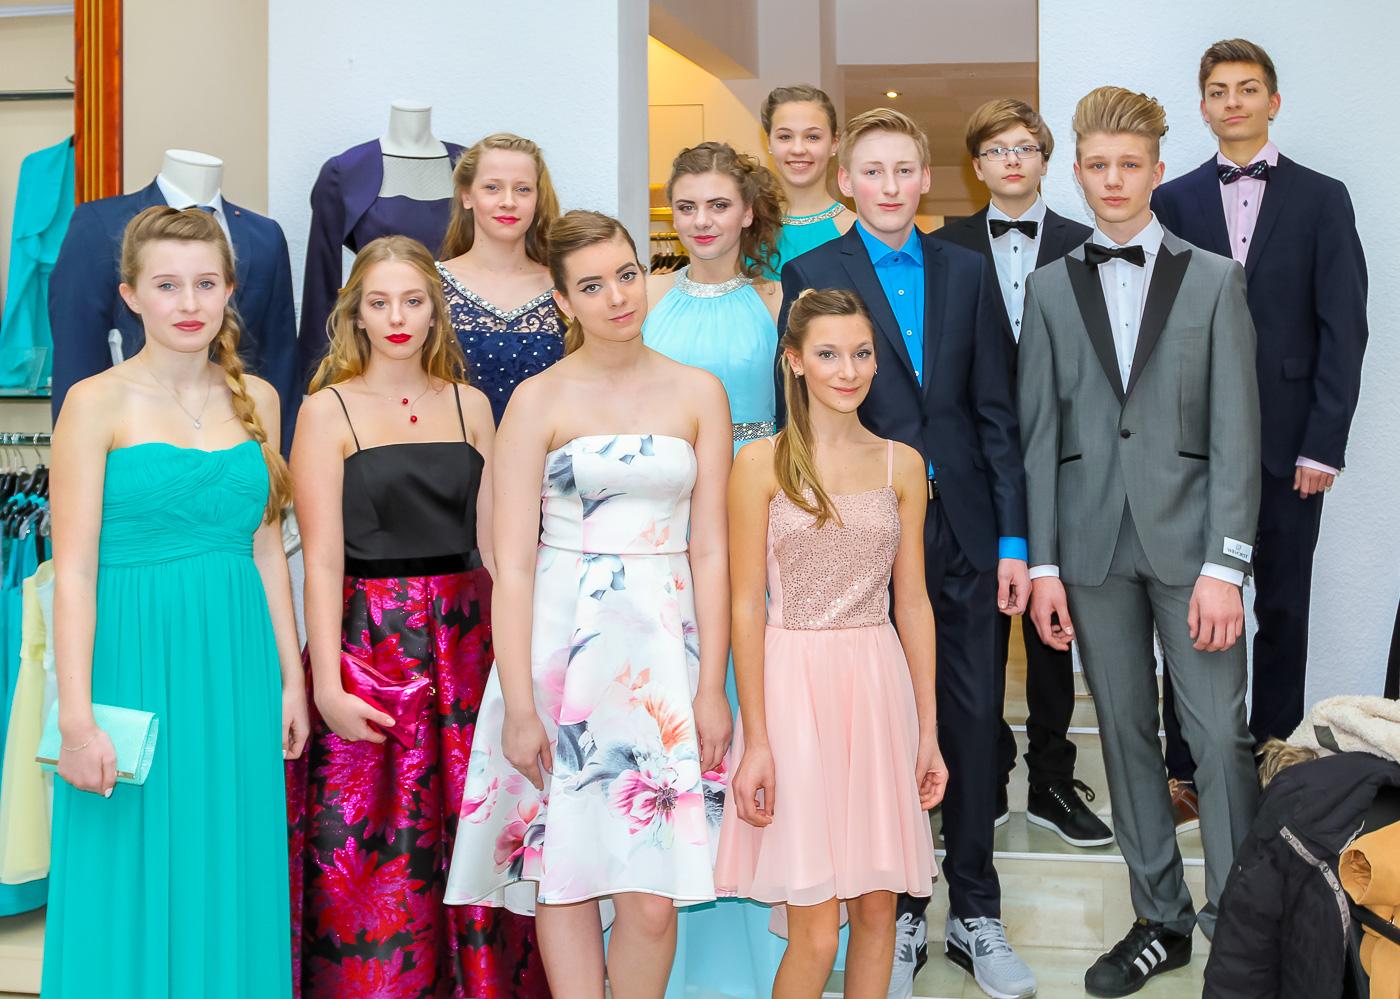 Jugendweihe kleider kaufen in magdeburg